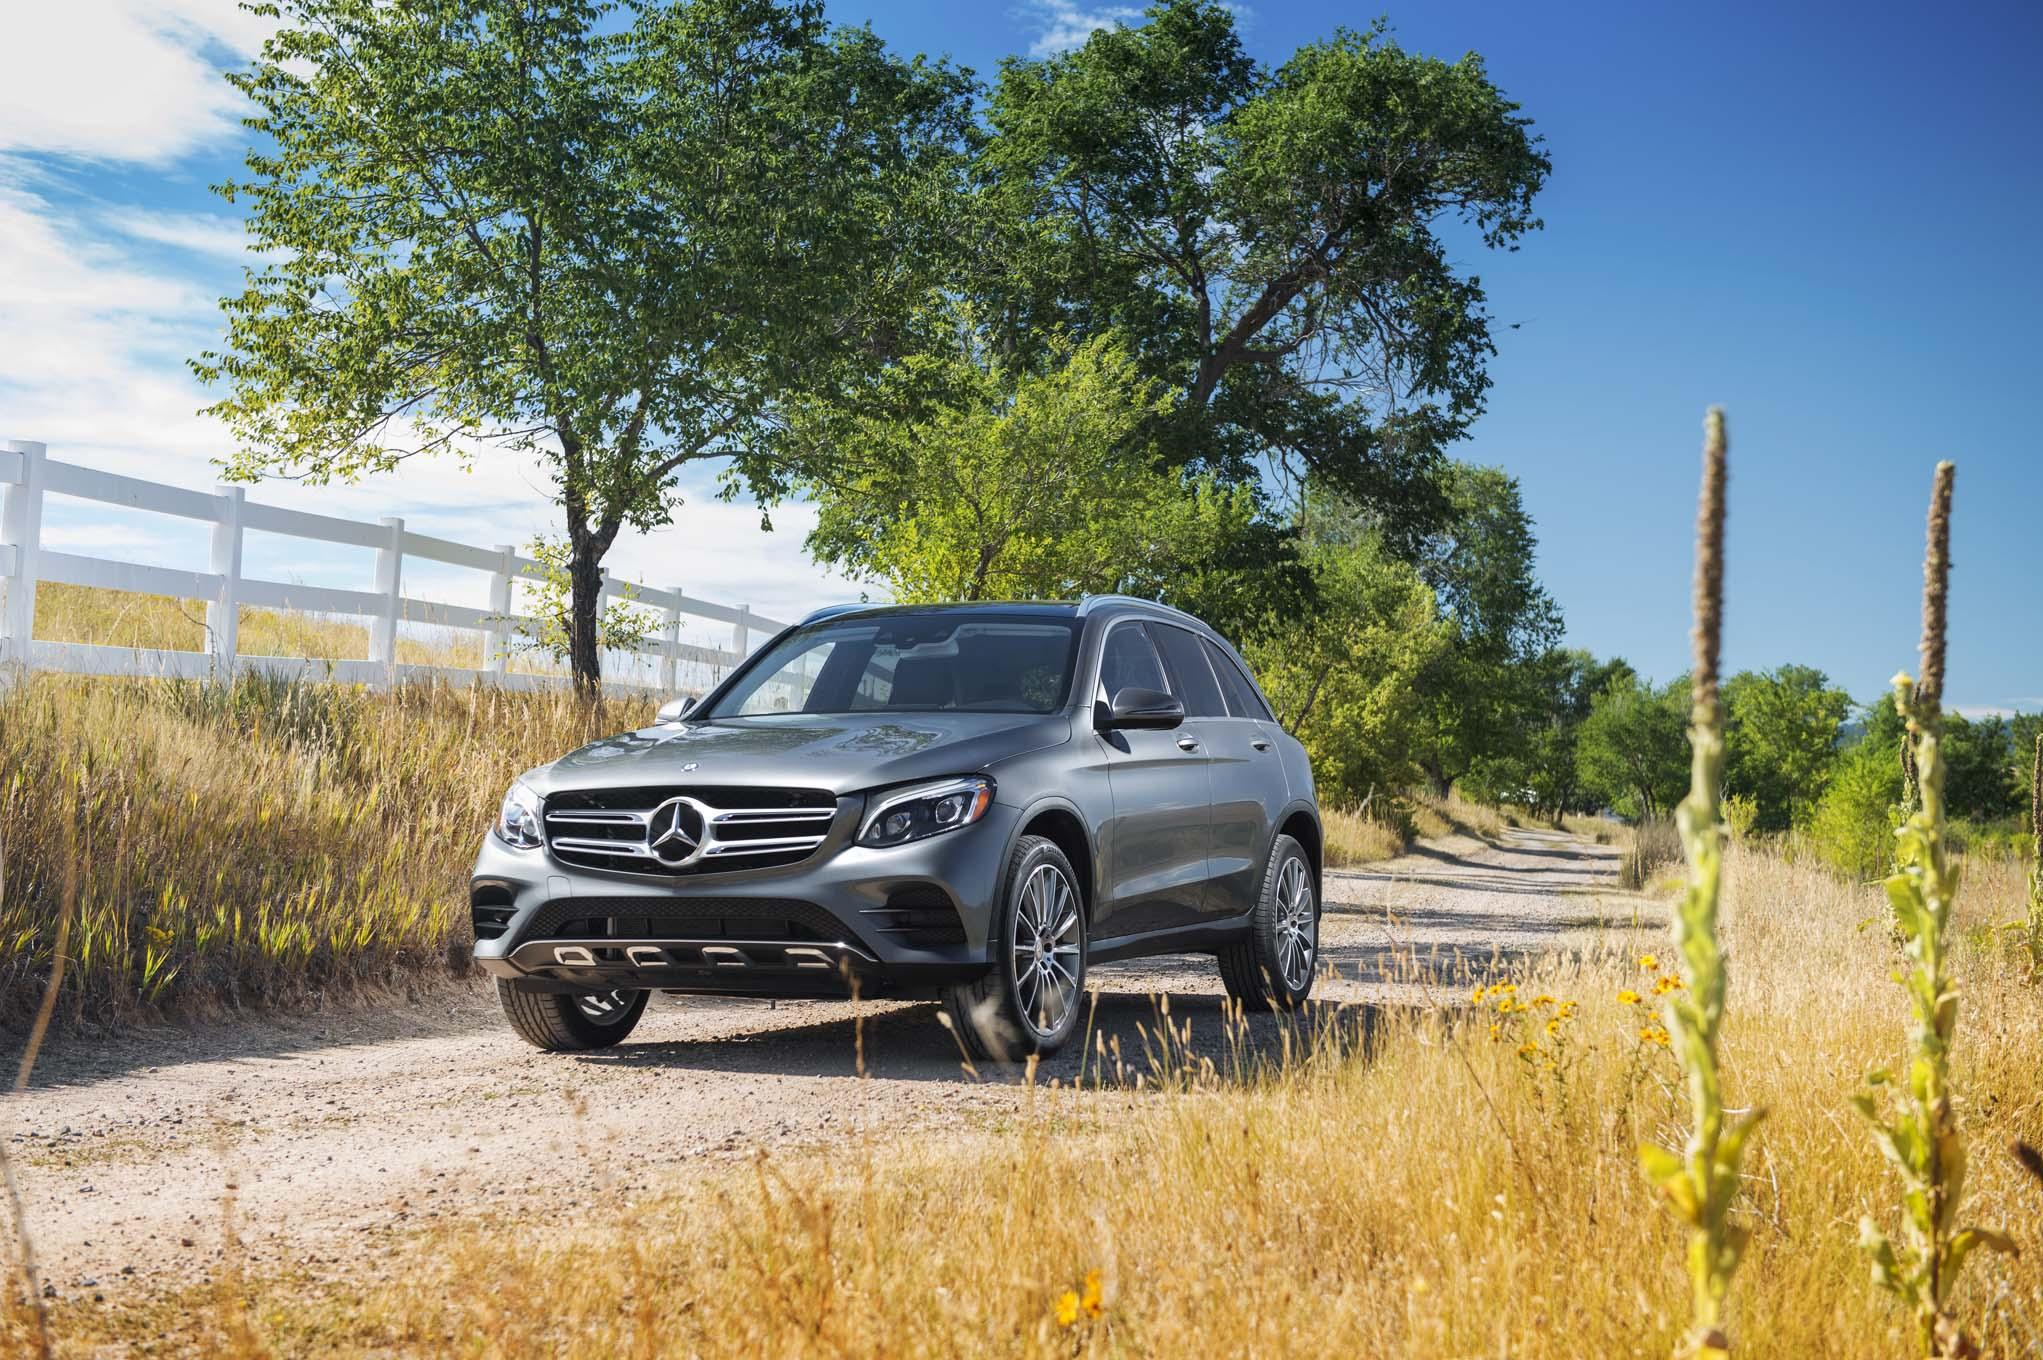 2016 Mercedes Benz GLC 300 4Matic Front Three Quarter 03